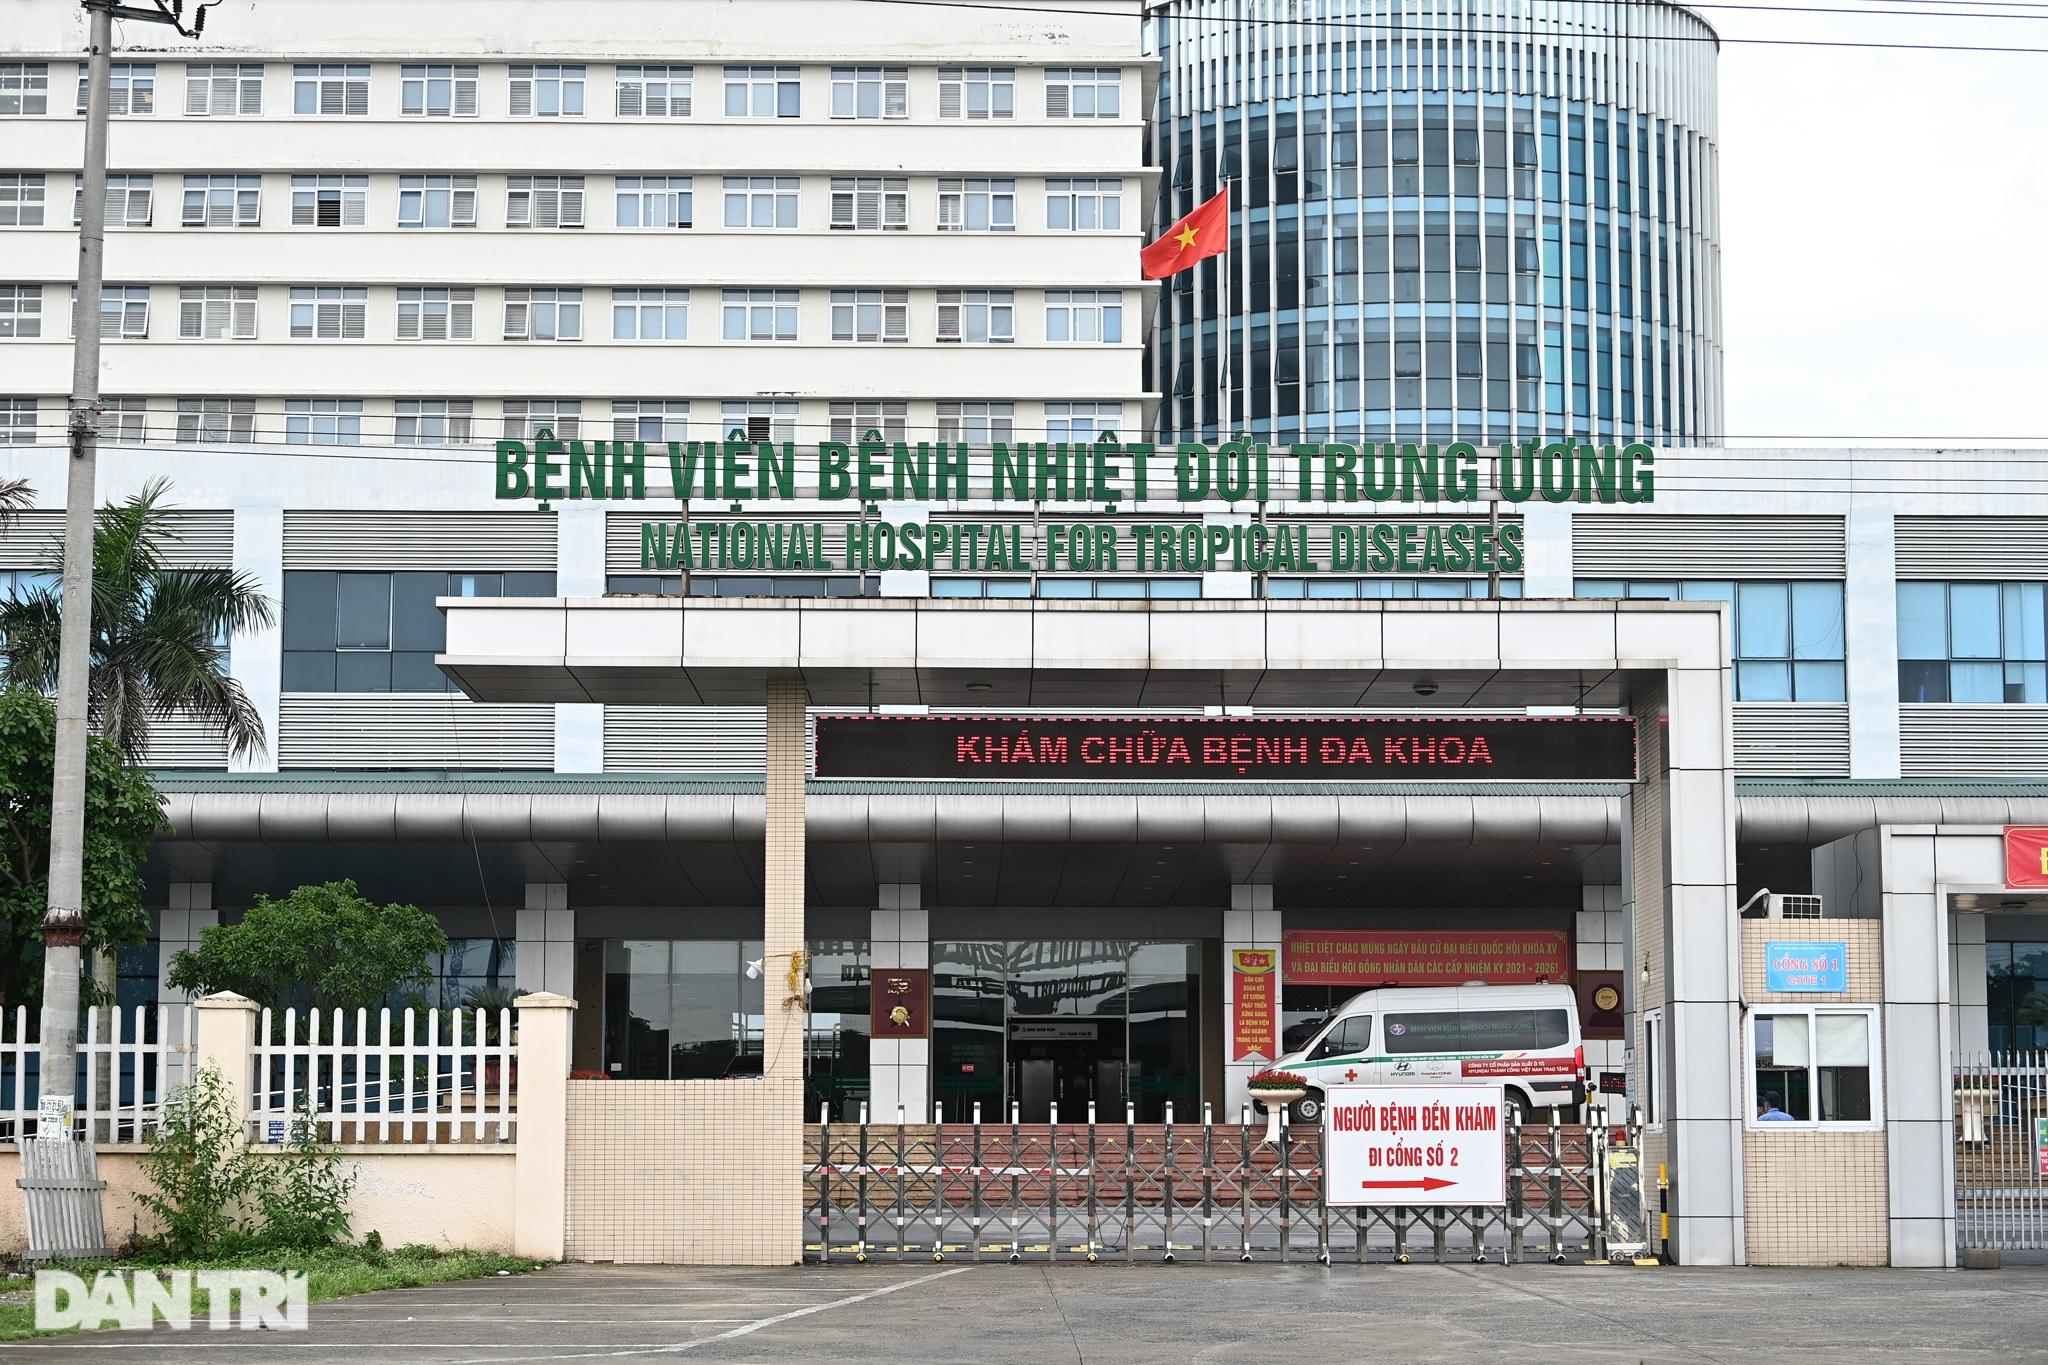 Nội bất xuất, ngoại bất nhập khi phong tỏa Bệnh viện Bệnh Nhiệt đới TƯ 2 - 3